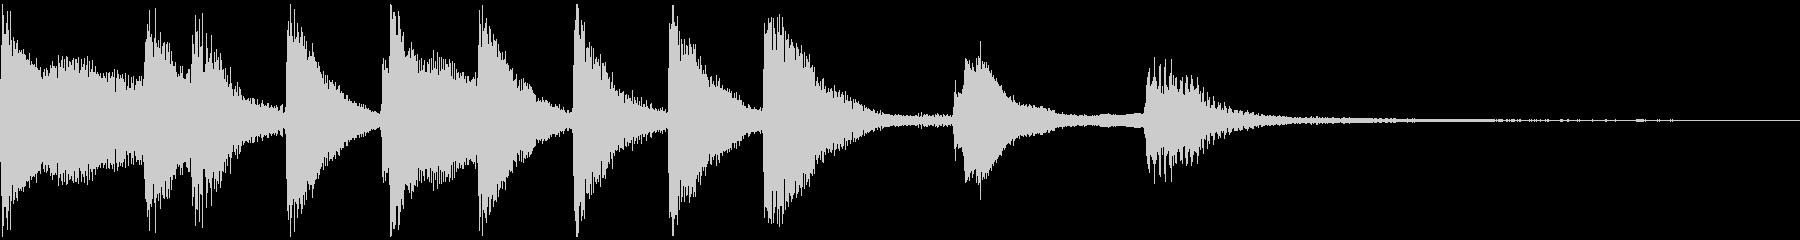 失敗・残念なイメージのピアノジングルの未再生の波形